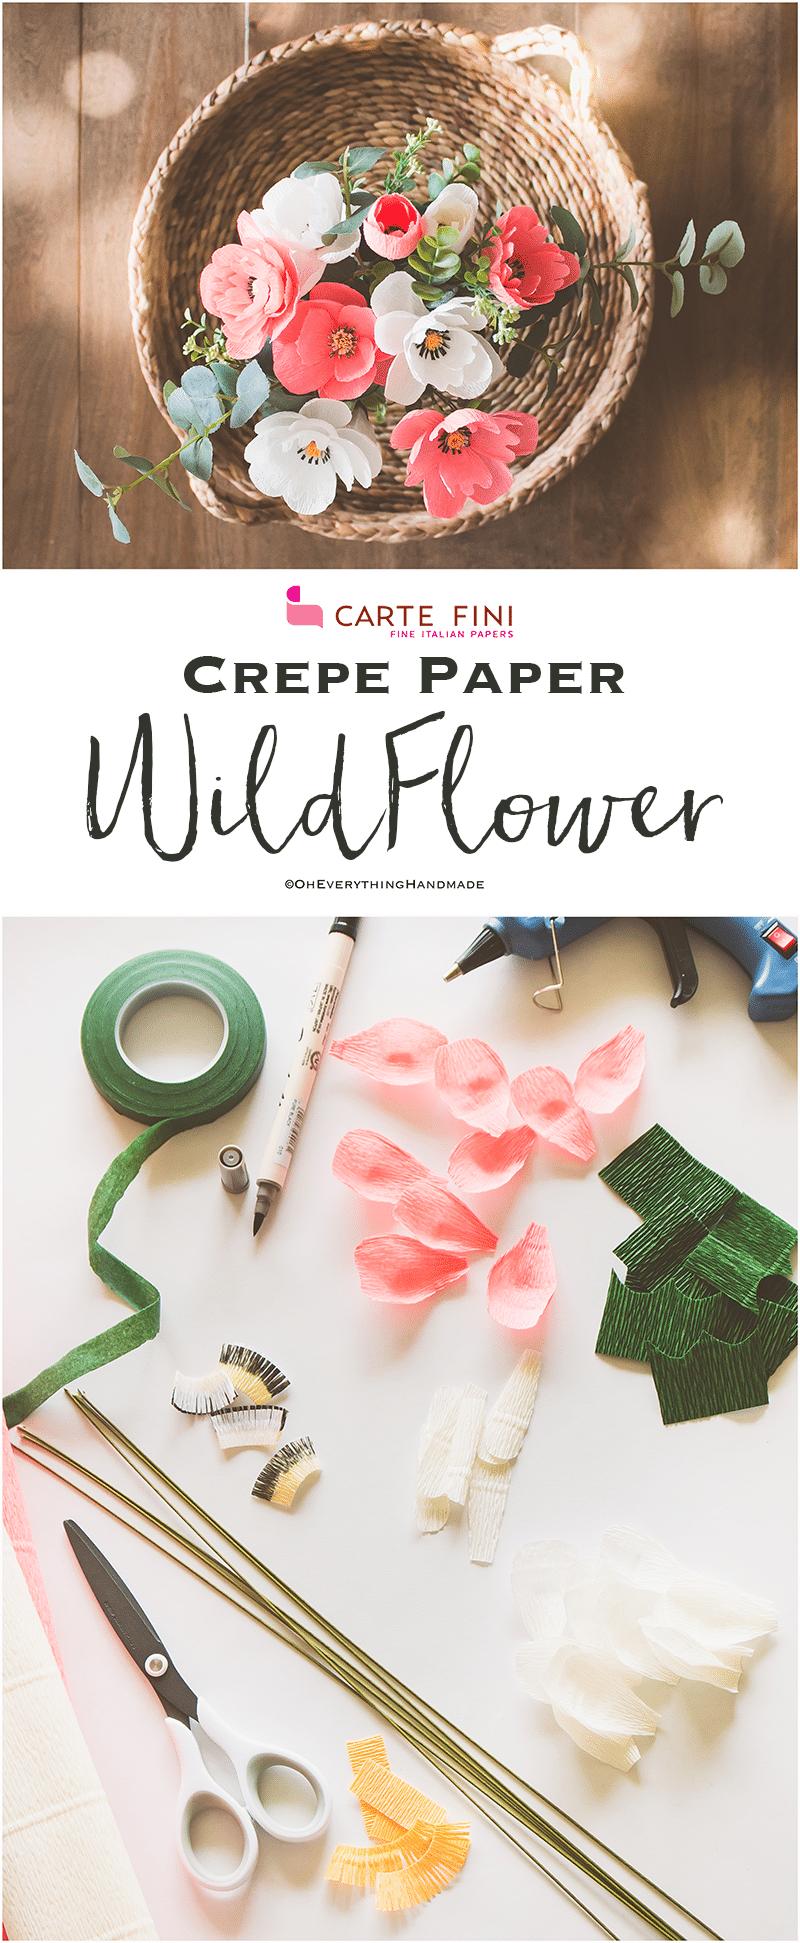 WildFlowerBouquet-Pinterest